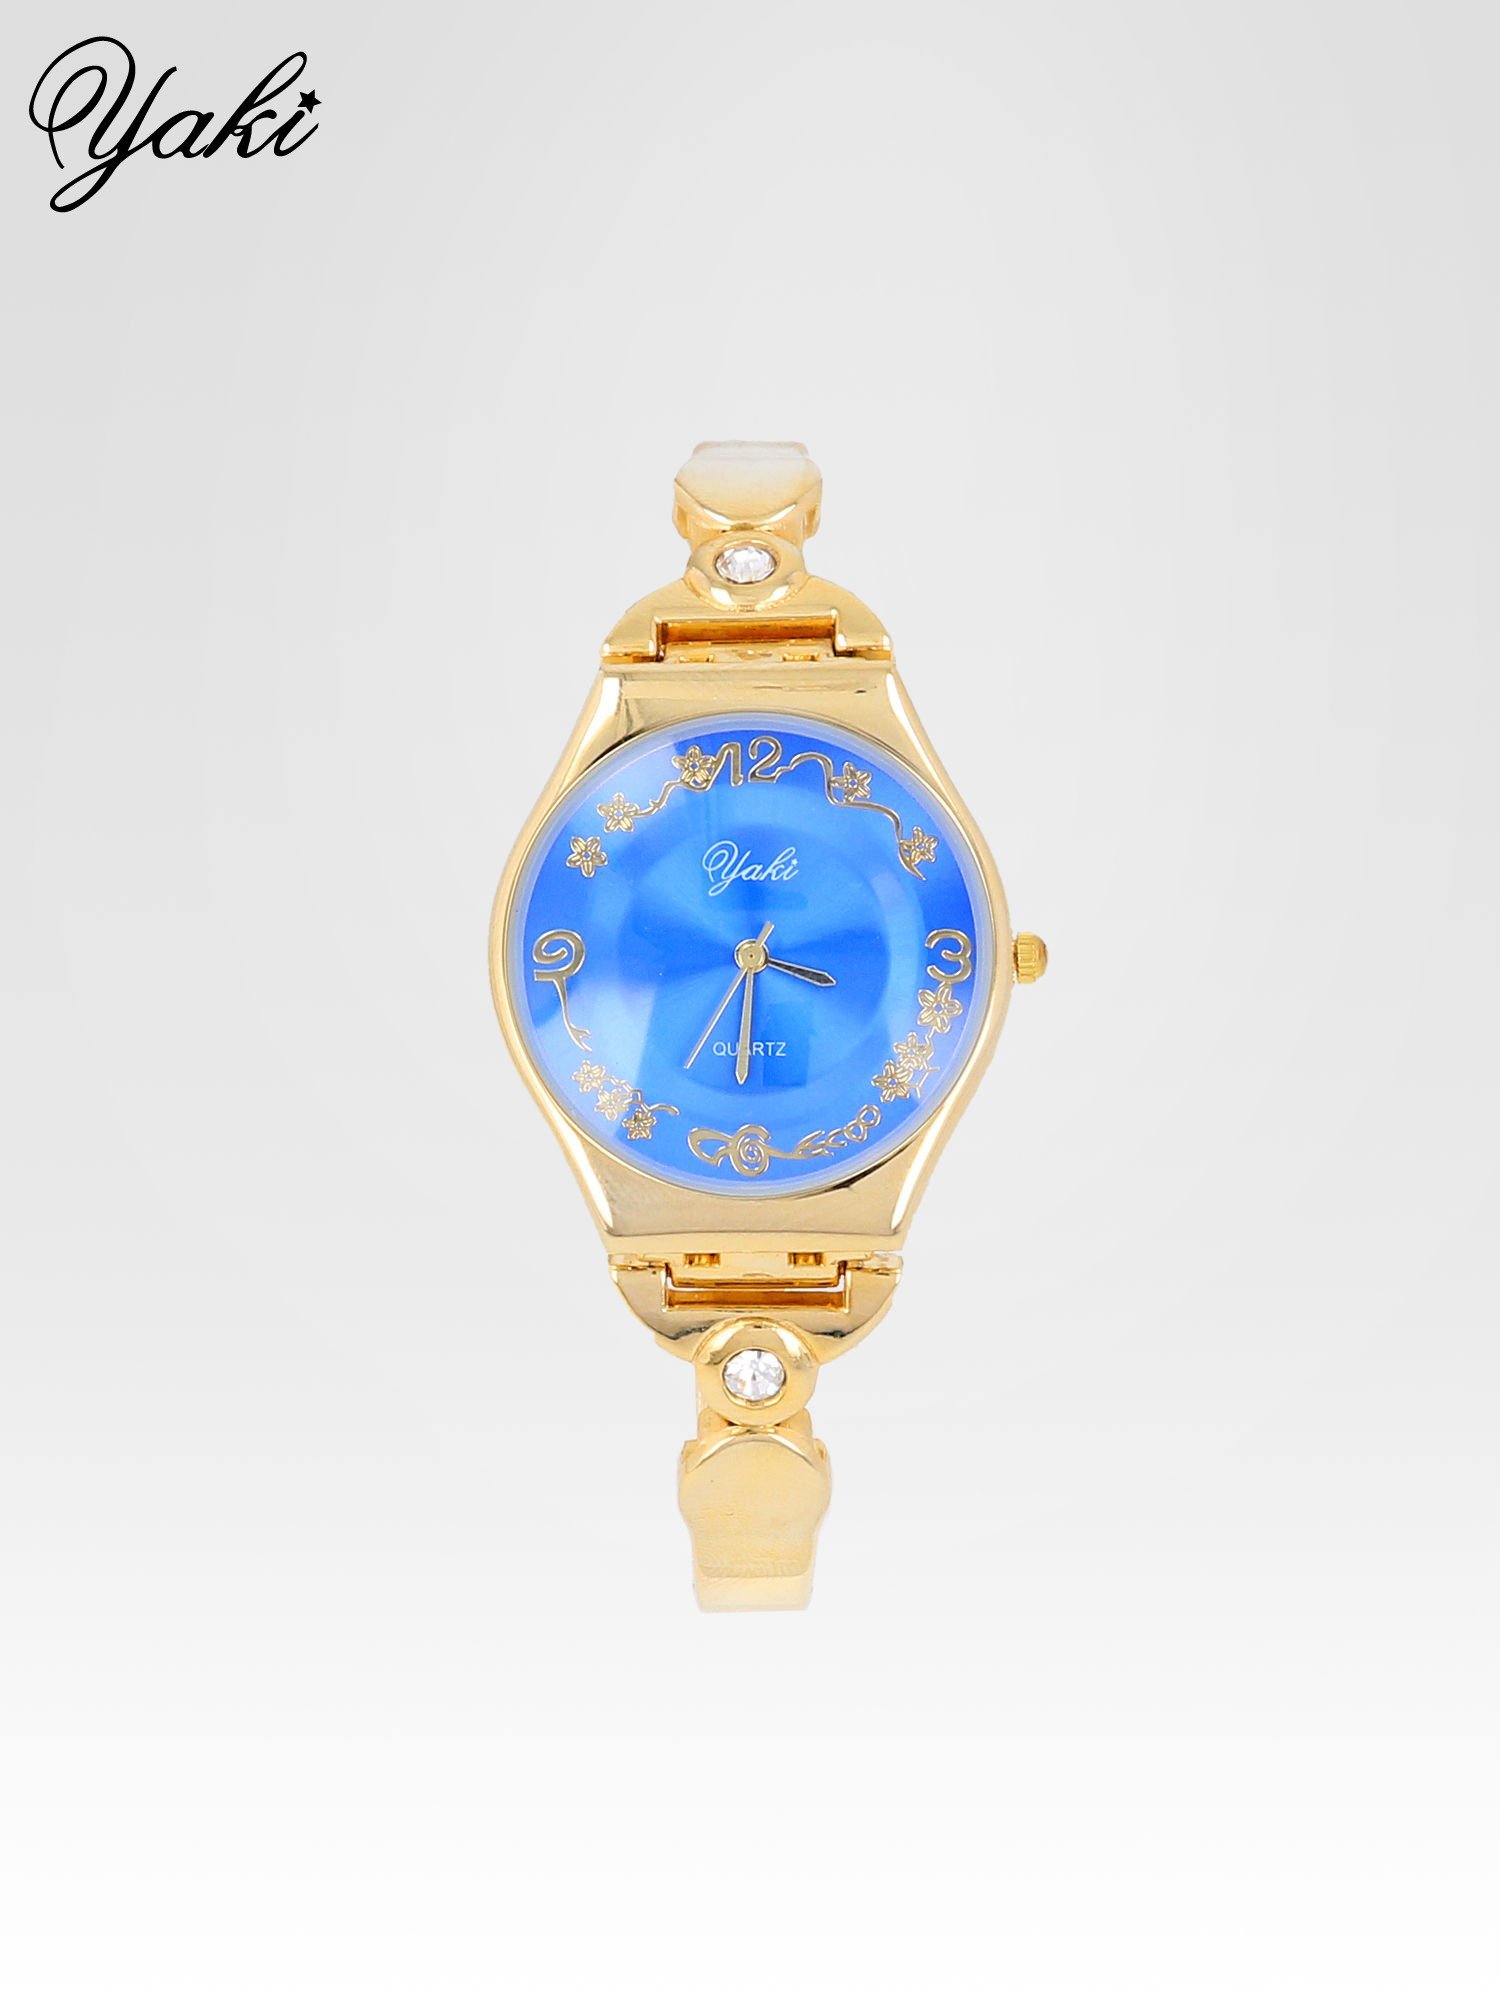 Złoty biżuteryjny zegarek damski z niebieską tarczą                                  zdj.                                  1